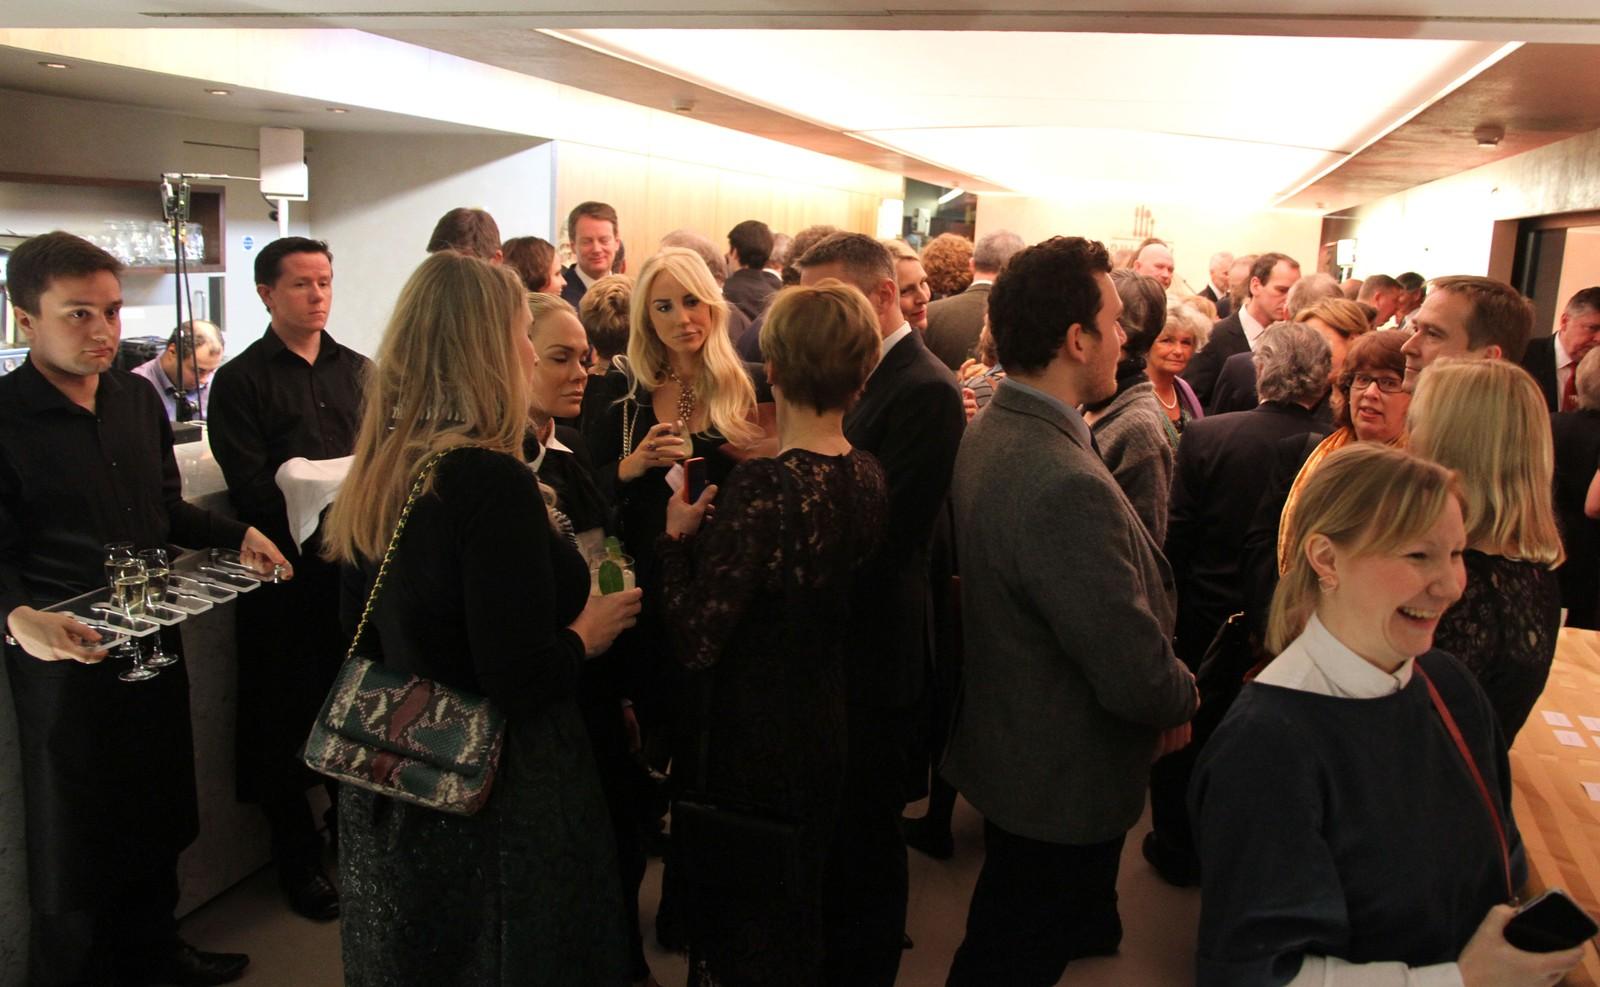 God stemning blant dei mange spesielt inviterte gjestene under den lukka opninga av Astrup-utstillinga.